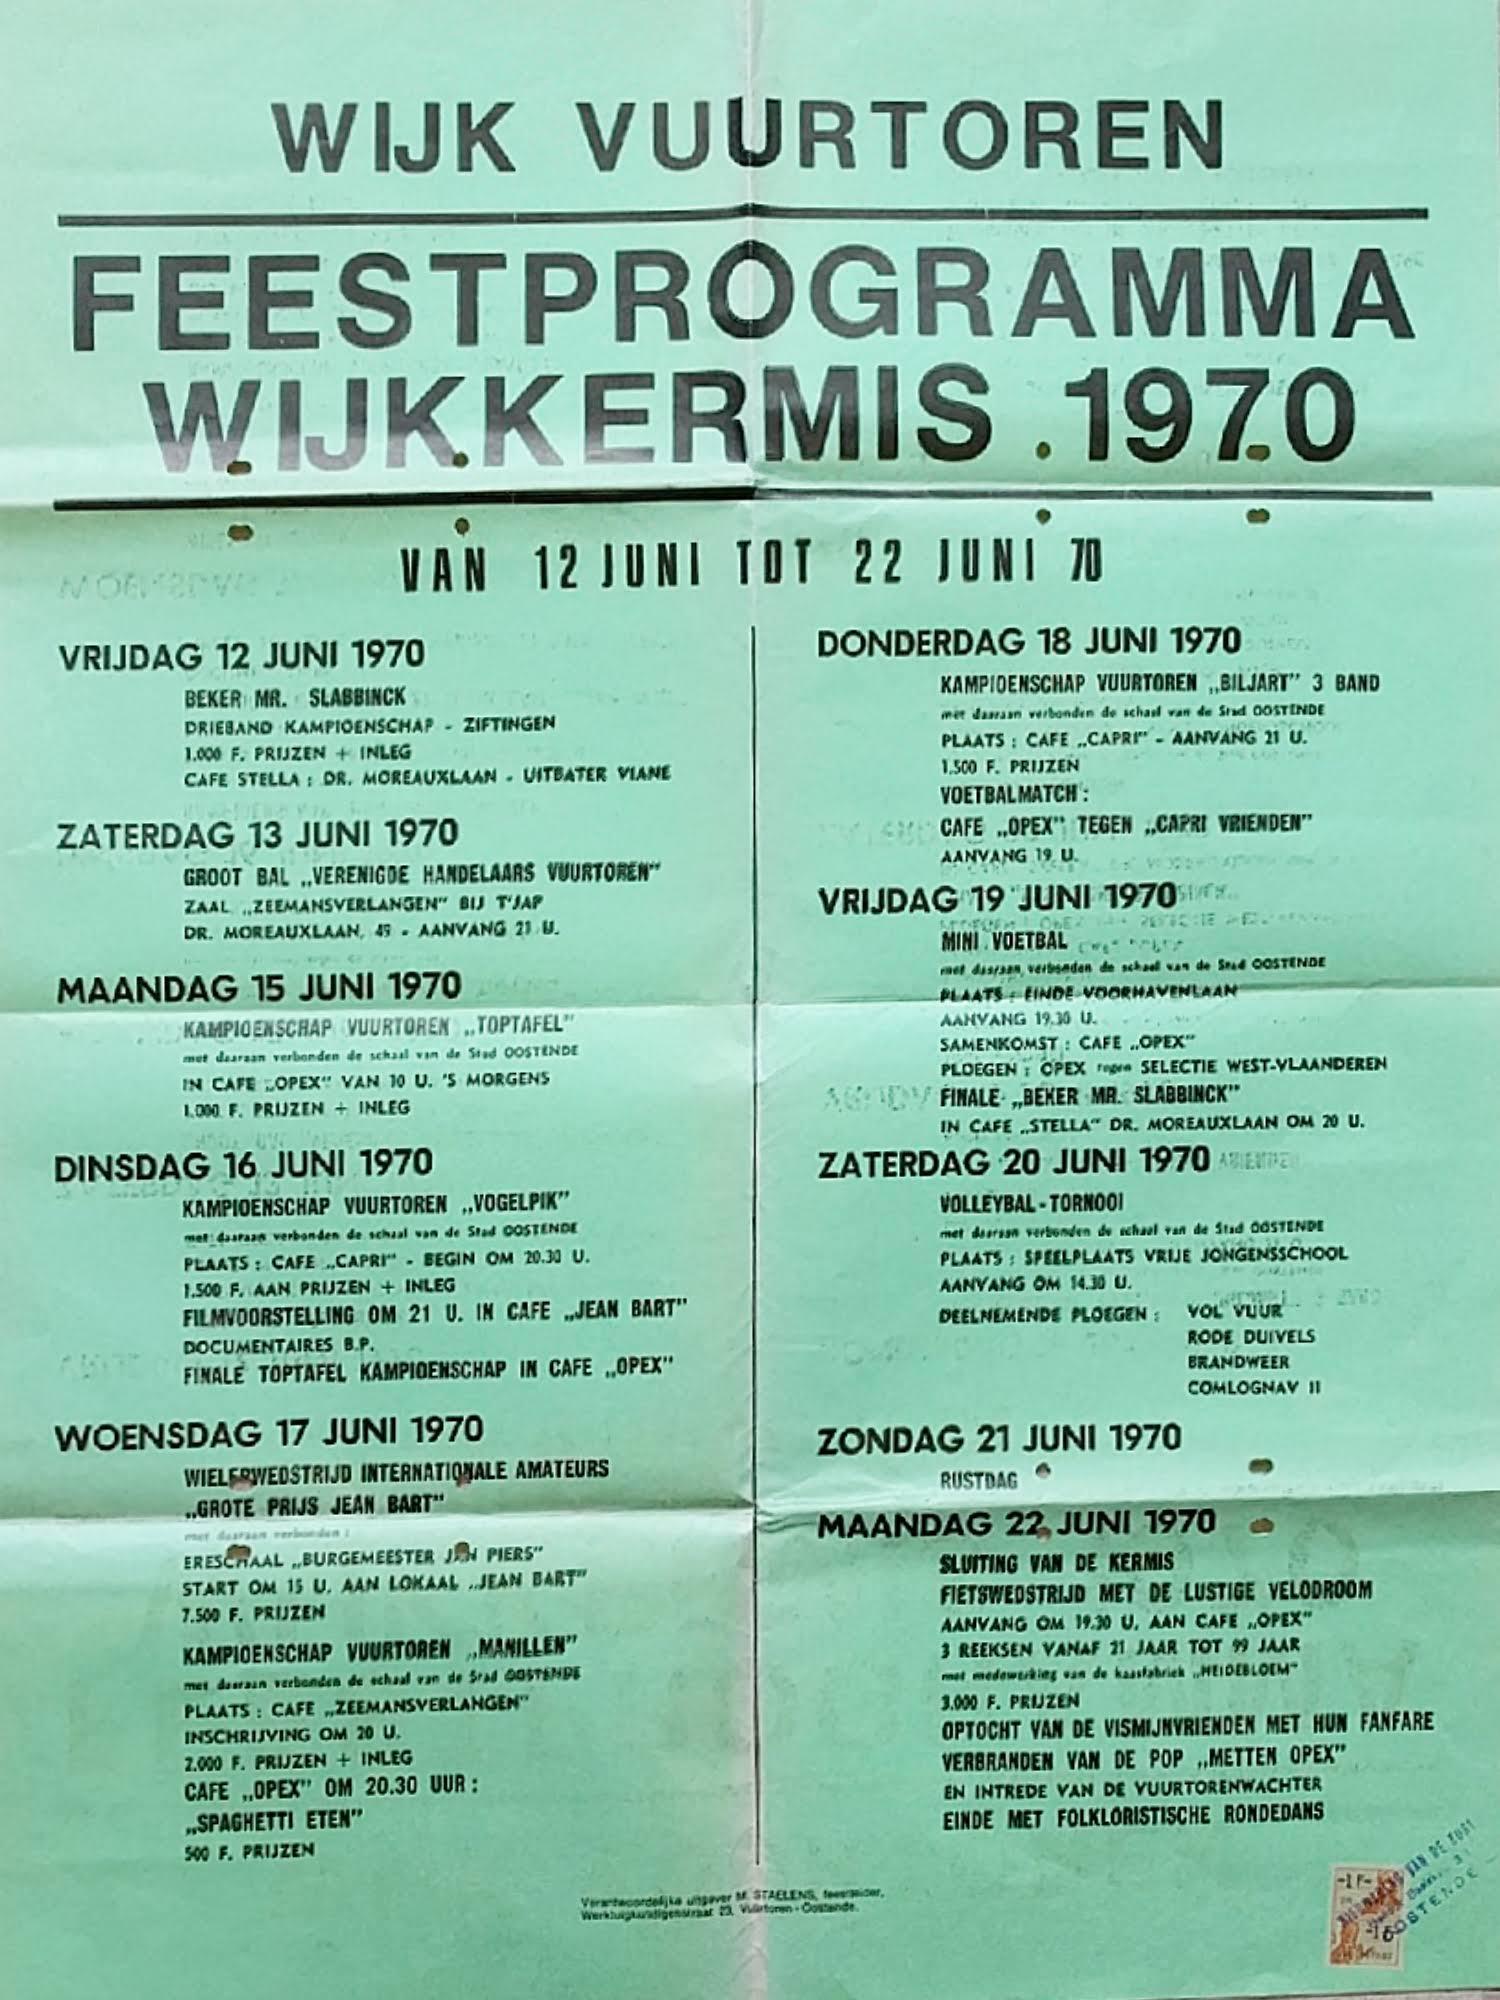 Affiche wijkkermis 1970